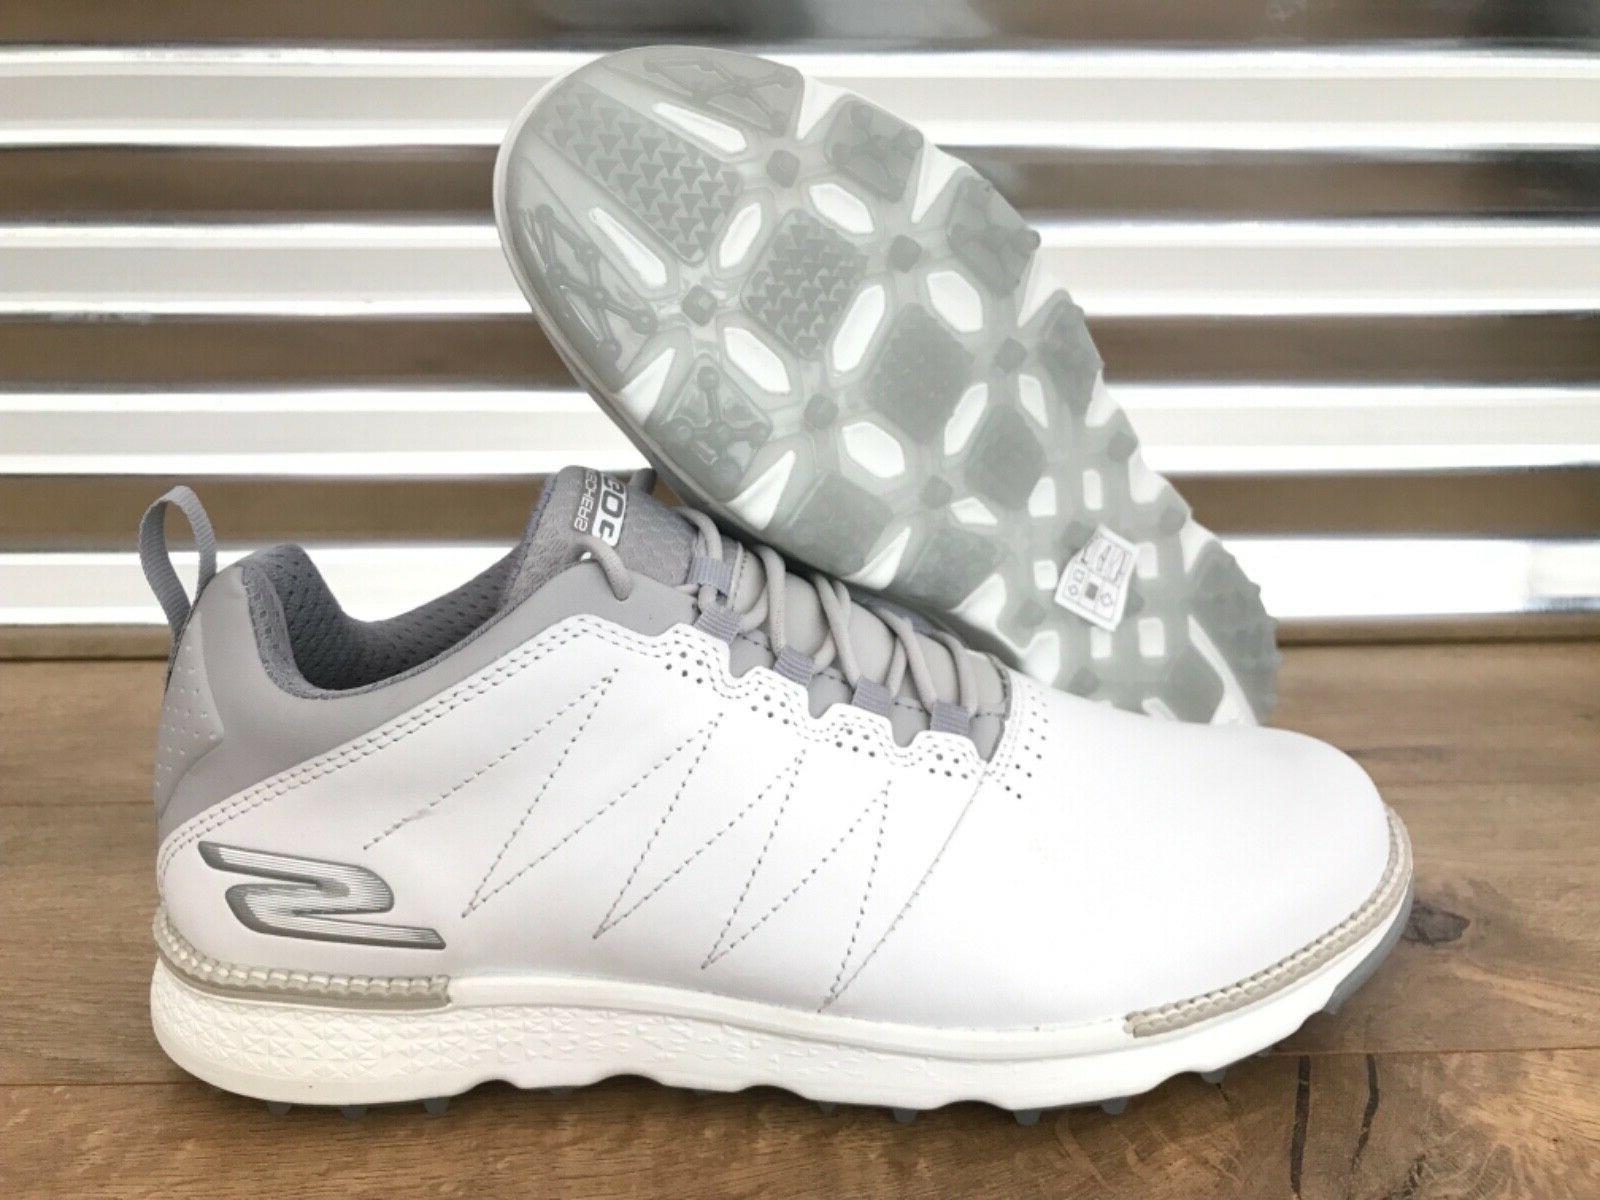 go golf elite v3 golf shoes white